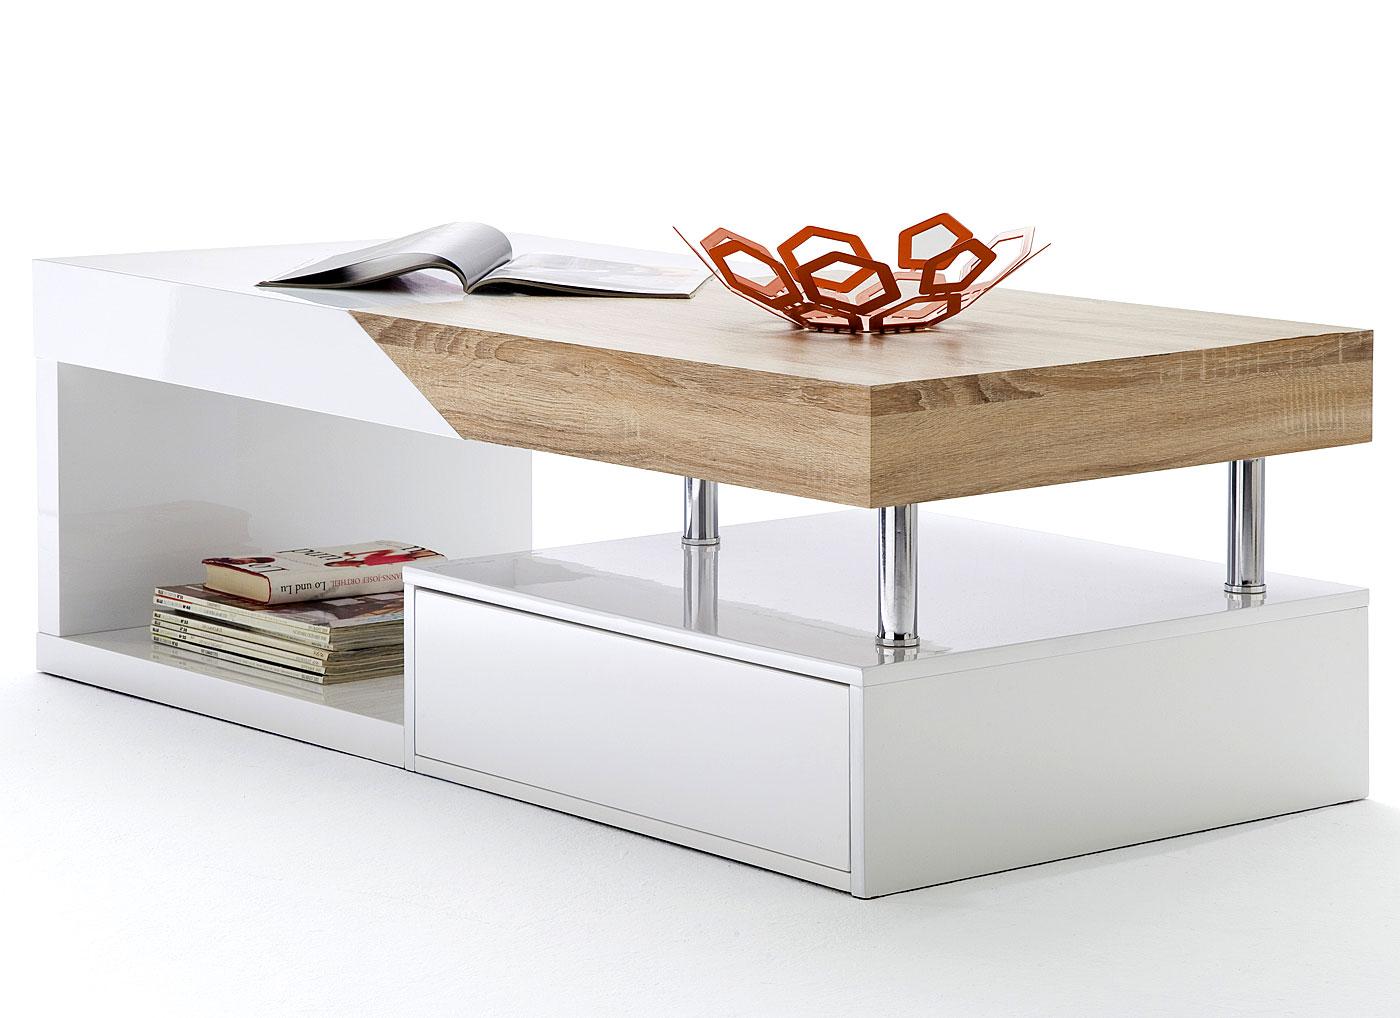 mca couchtisch hope hochglanz weiss ausziehbar eiche. Black Bedroom Furniture Sets. Home Design Ideas